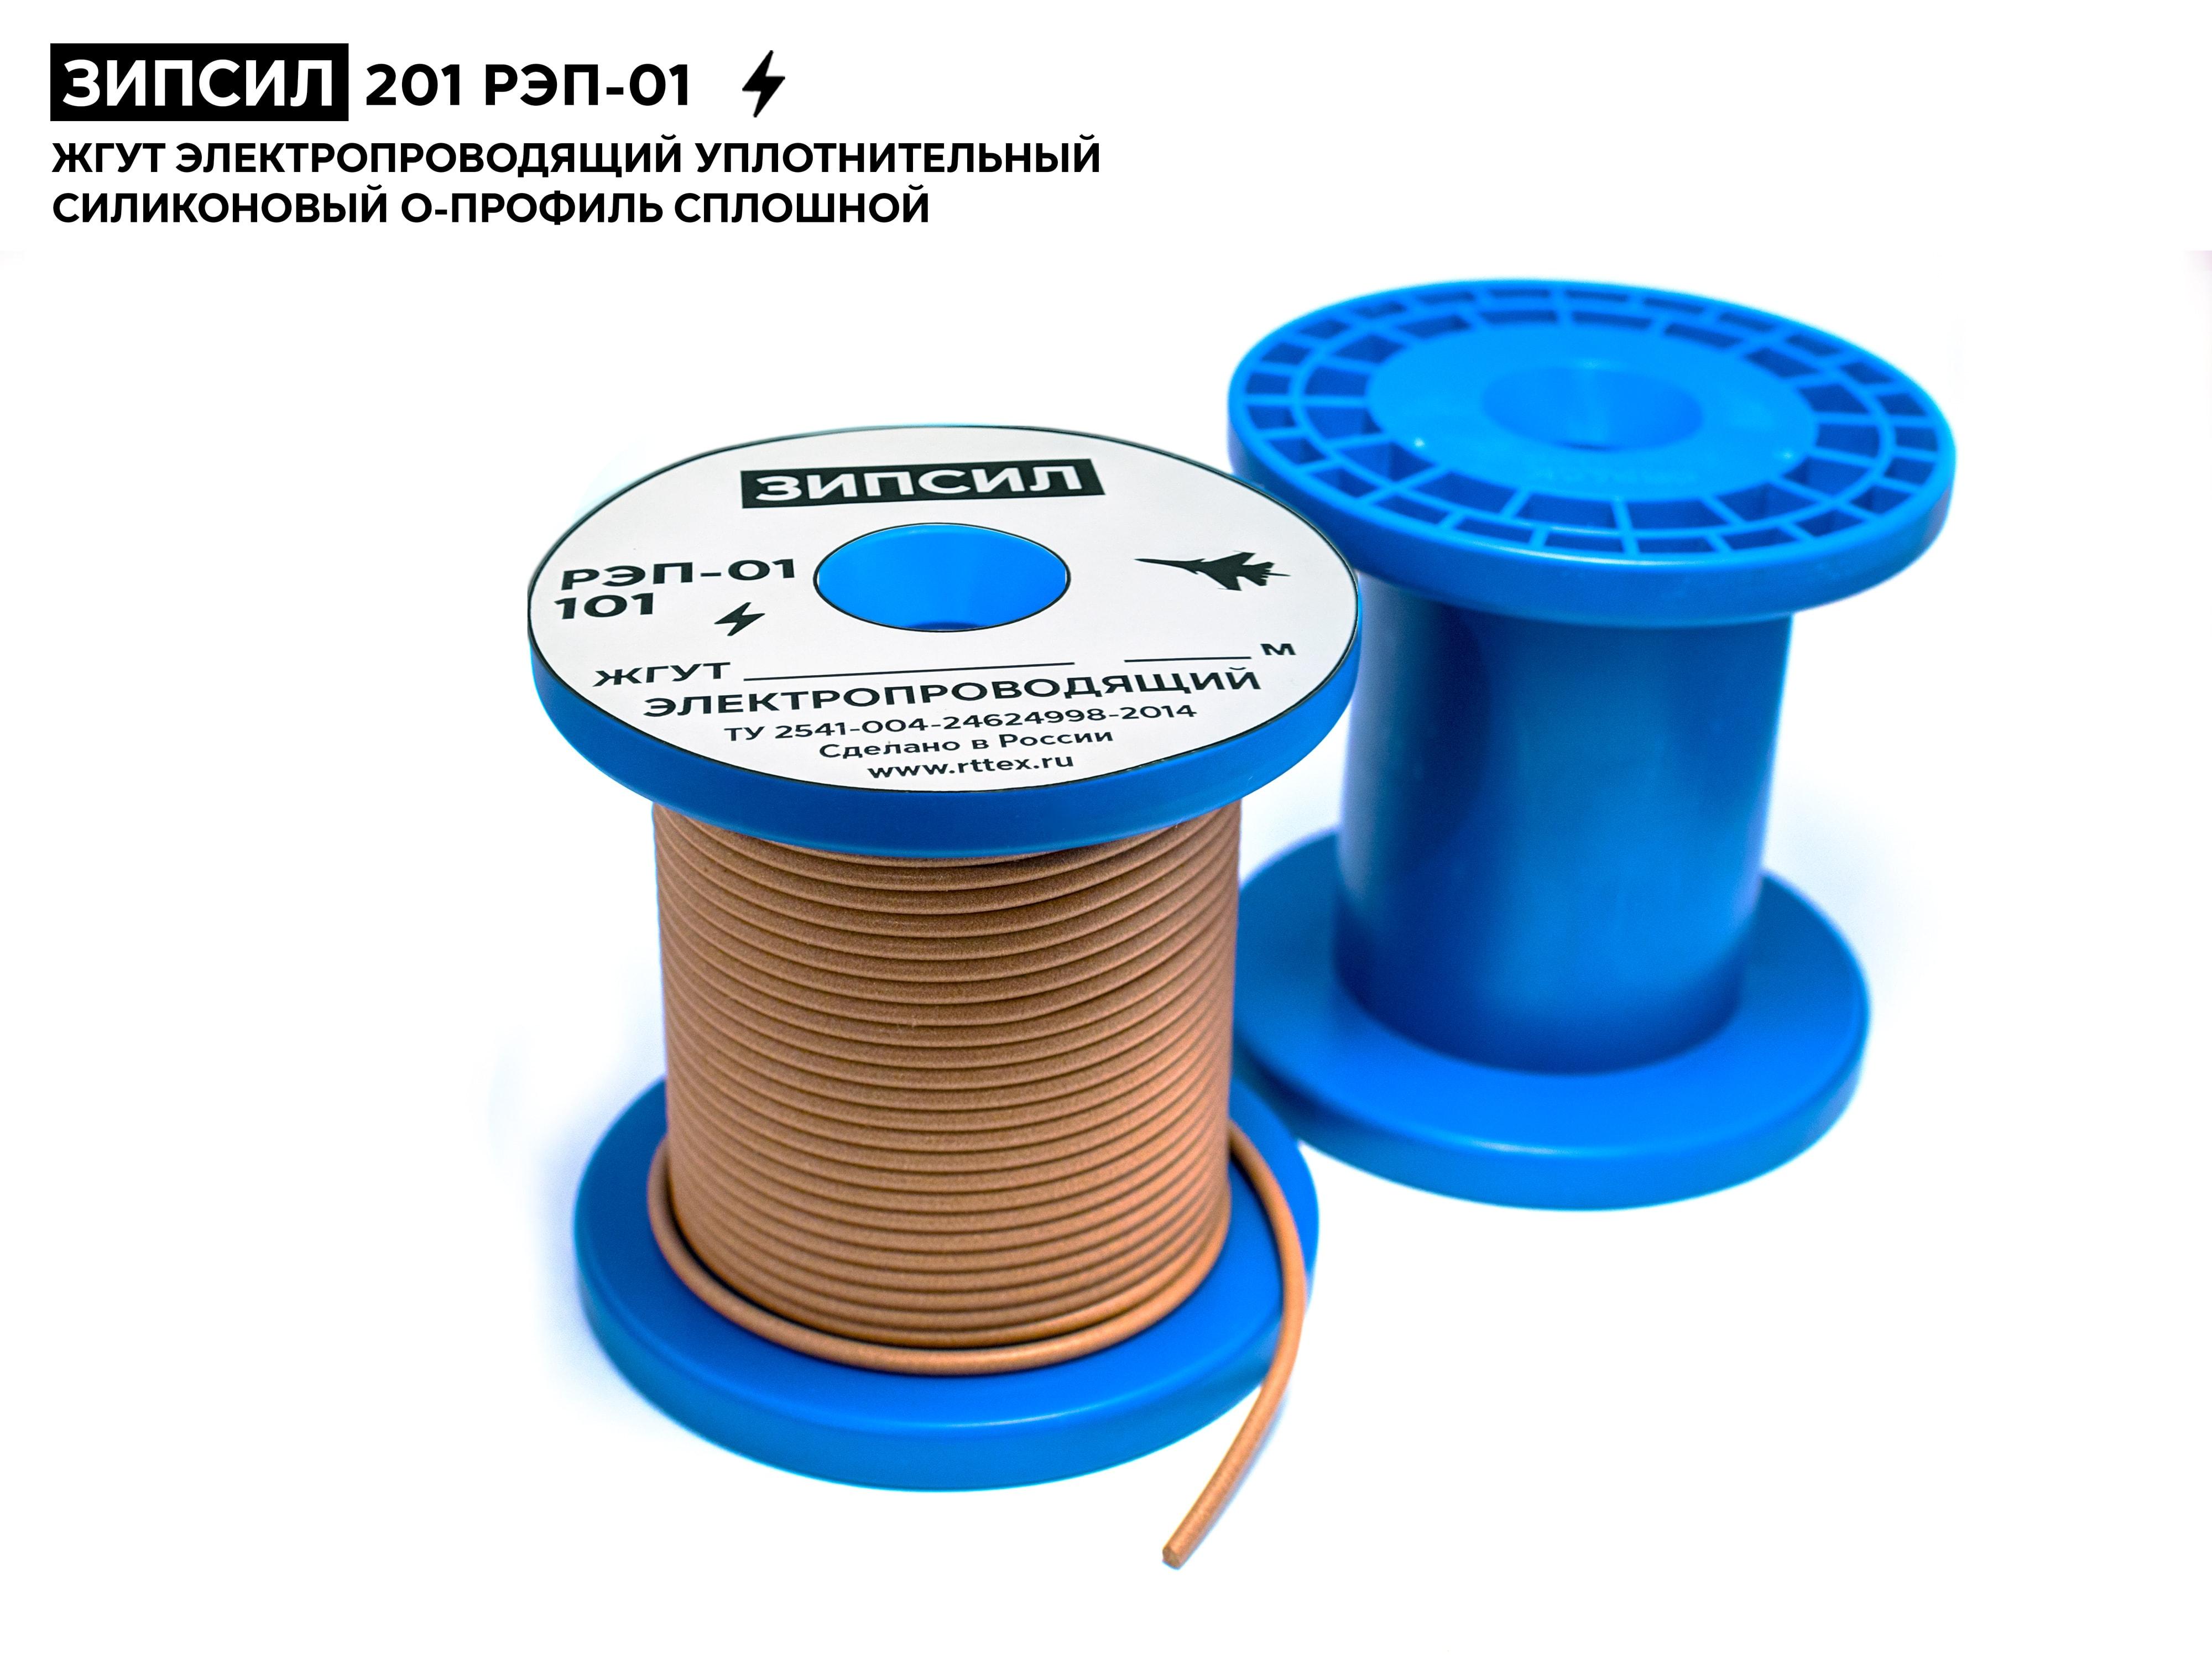 Профессиональный электропроводящий силиконовый ЭМС-жгут (сплошной О-профиль) ЗИПСИЛ 201 РЭП-01 . Профиль для уплотнительных канавок корпуса СВЧ-устройств и блоков